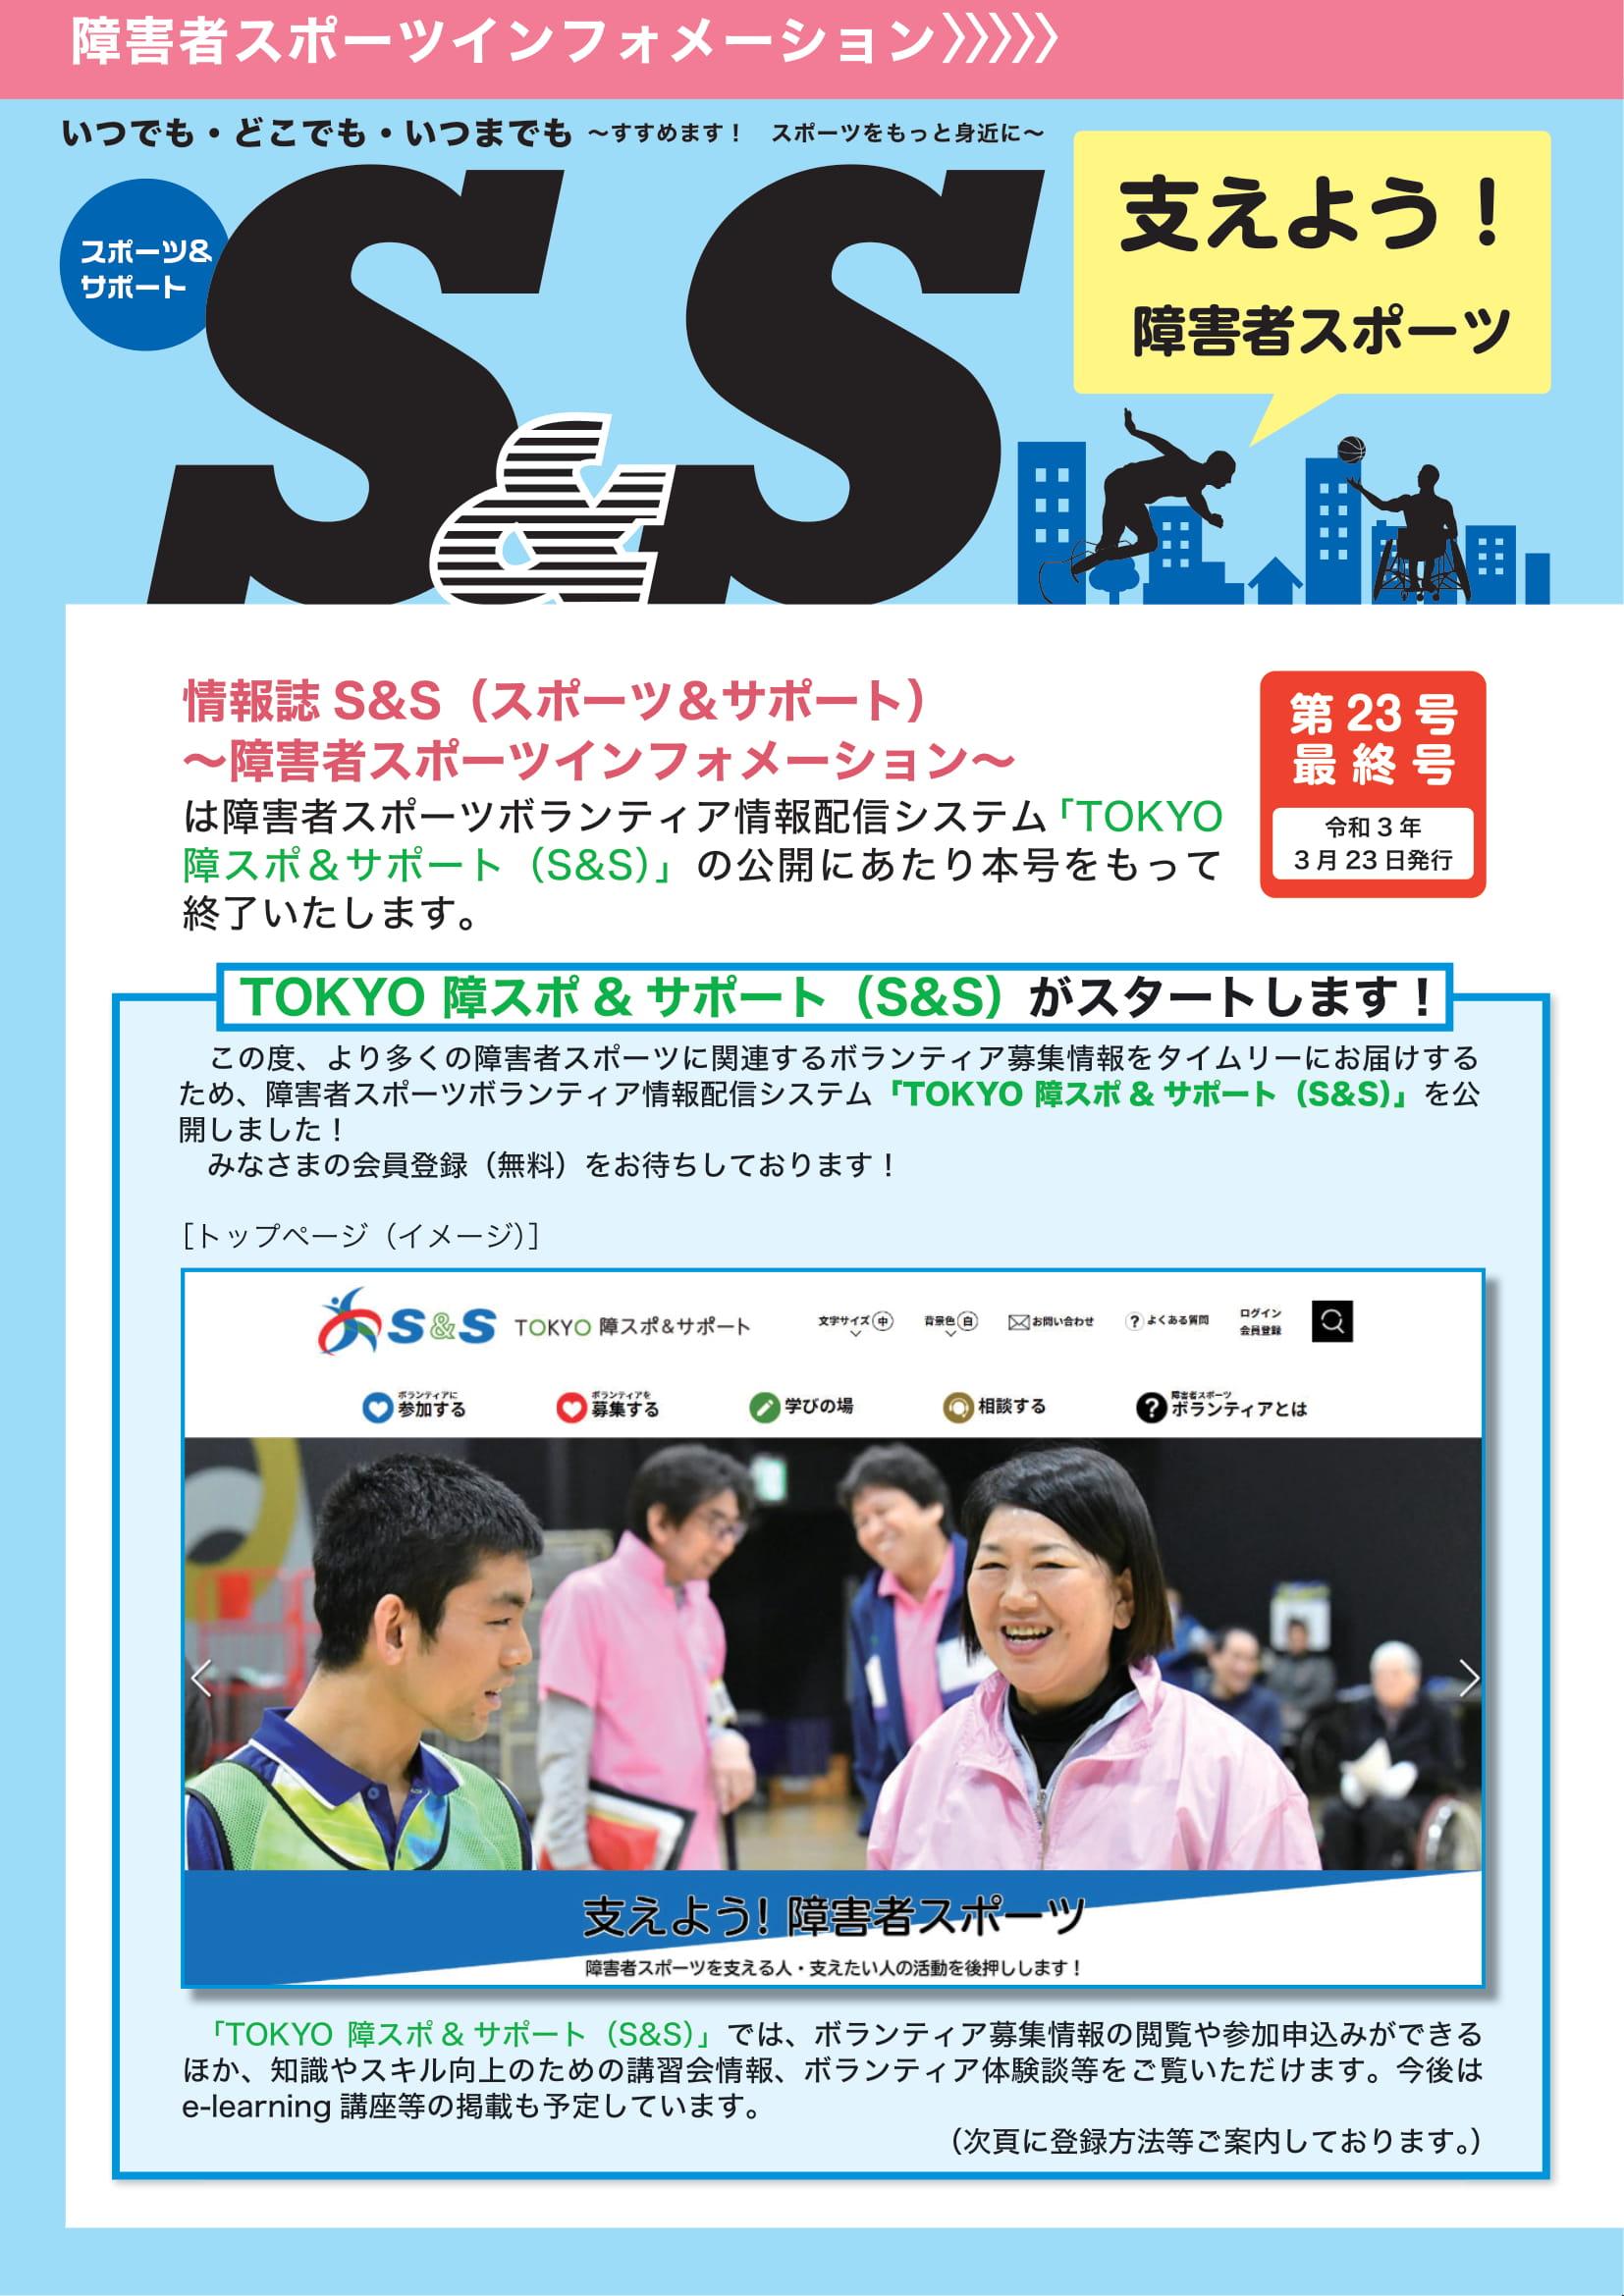 4d63cdf5a172869933560fe307bd197c - 【最終号】障害者スポーツ情報紙 S&S 第23号を発刊しました!